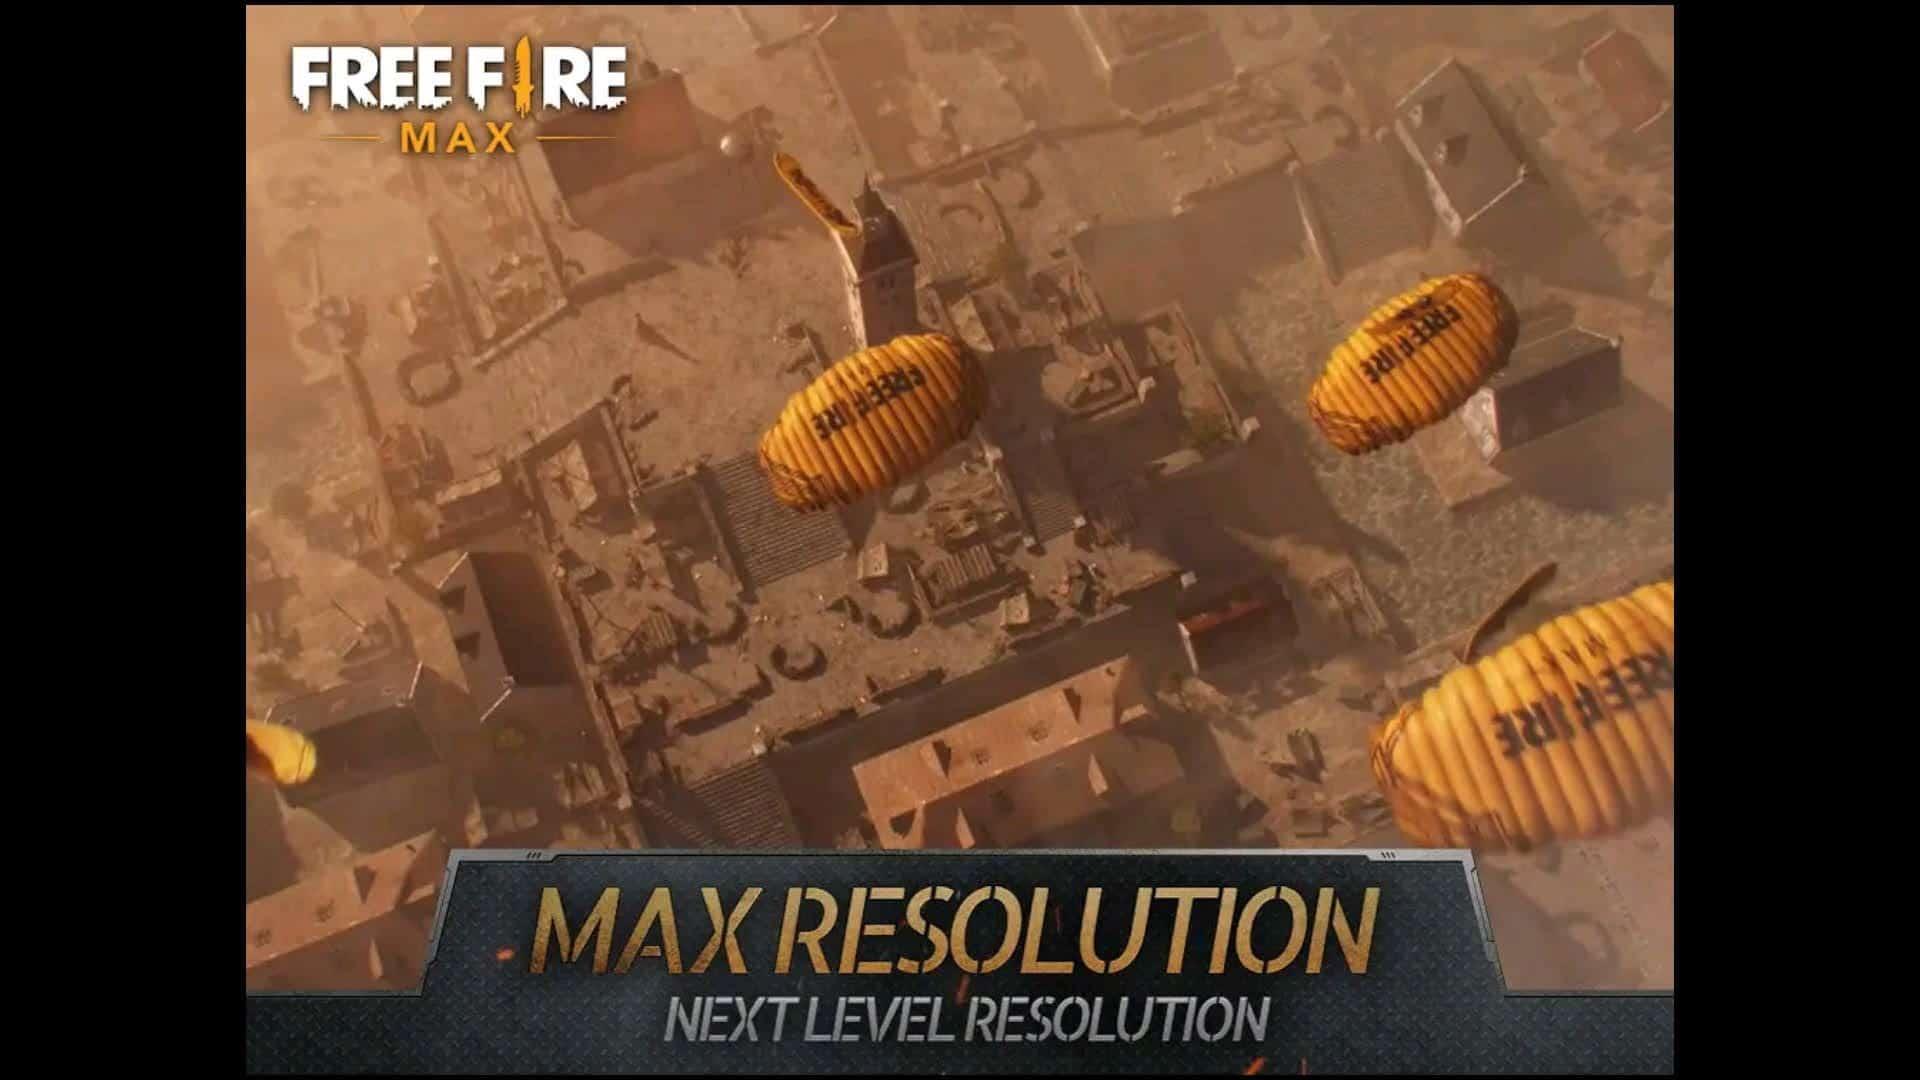 free-fire-max-imagens-googleplay-3 Free Fire Max é lançado na Bolívia, Vietnã e Malásia (Acesso Antecipado)